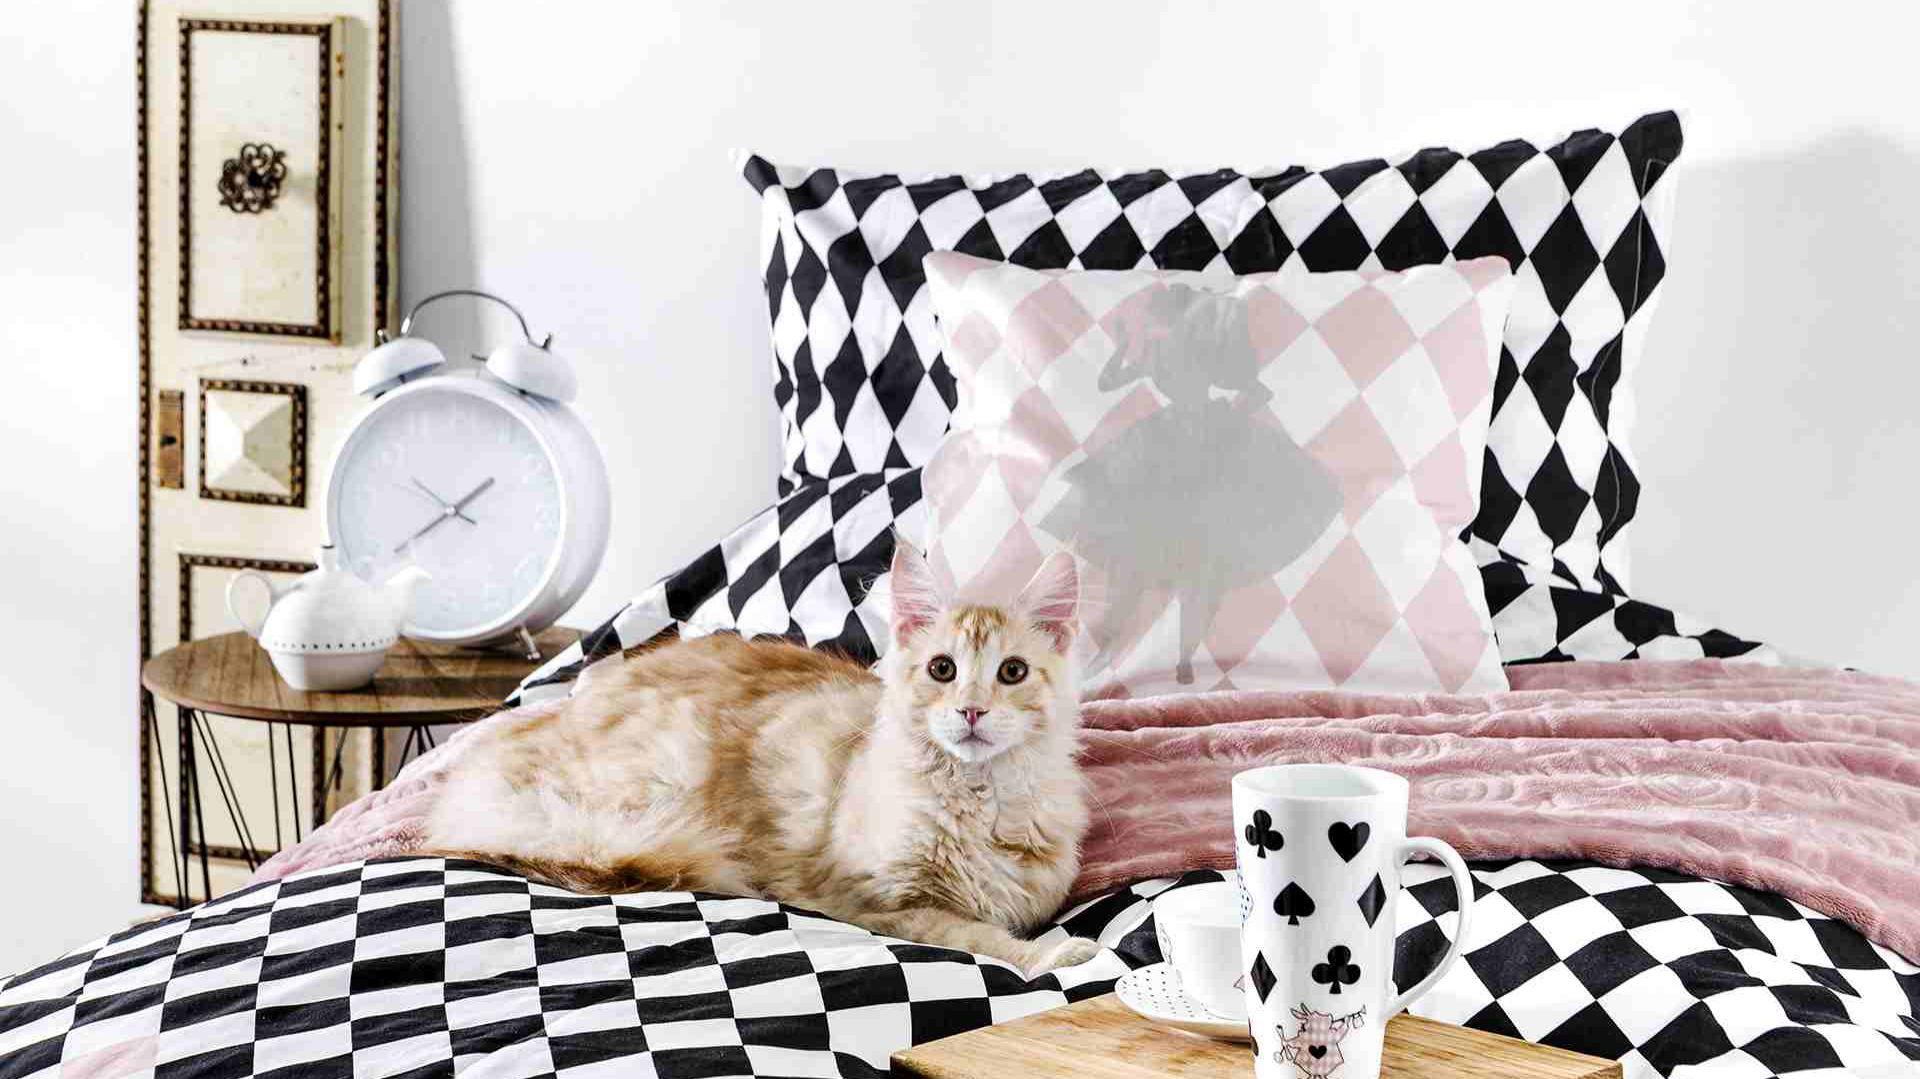 Zaczarowana kolekcja tekstyliów i ceramiki, inspirowana Alicją po drugiej stronie lustra. Fot. home&you